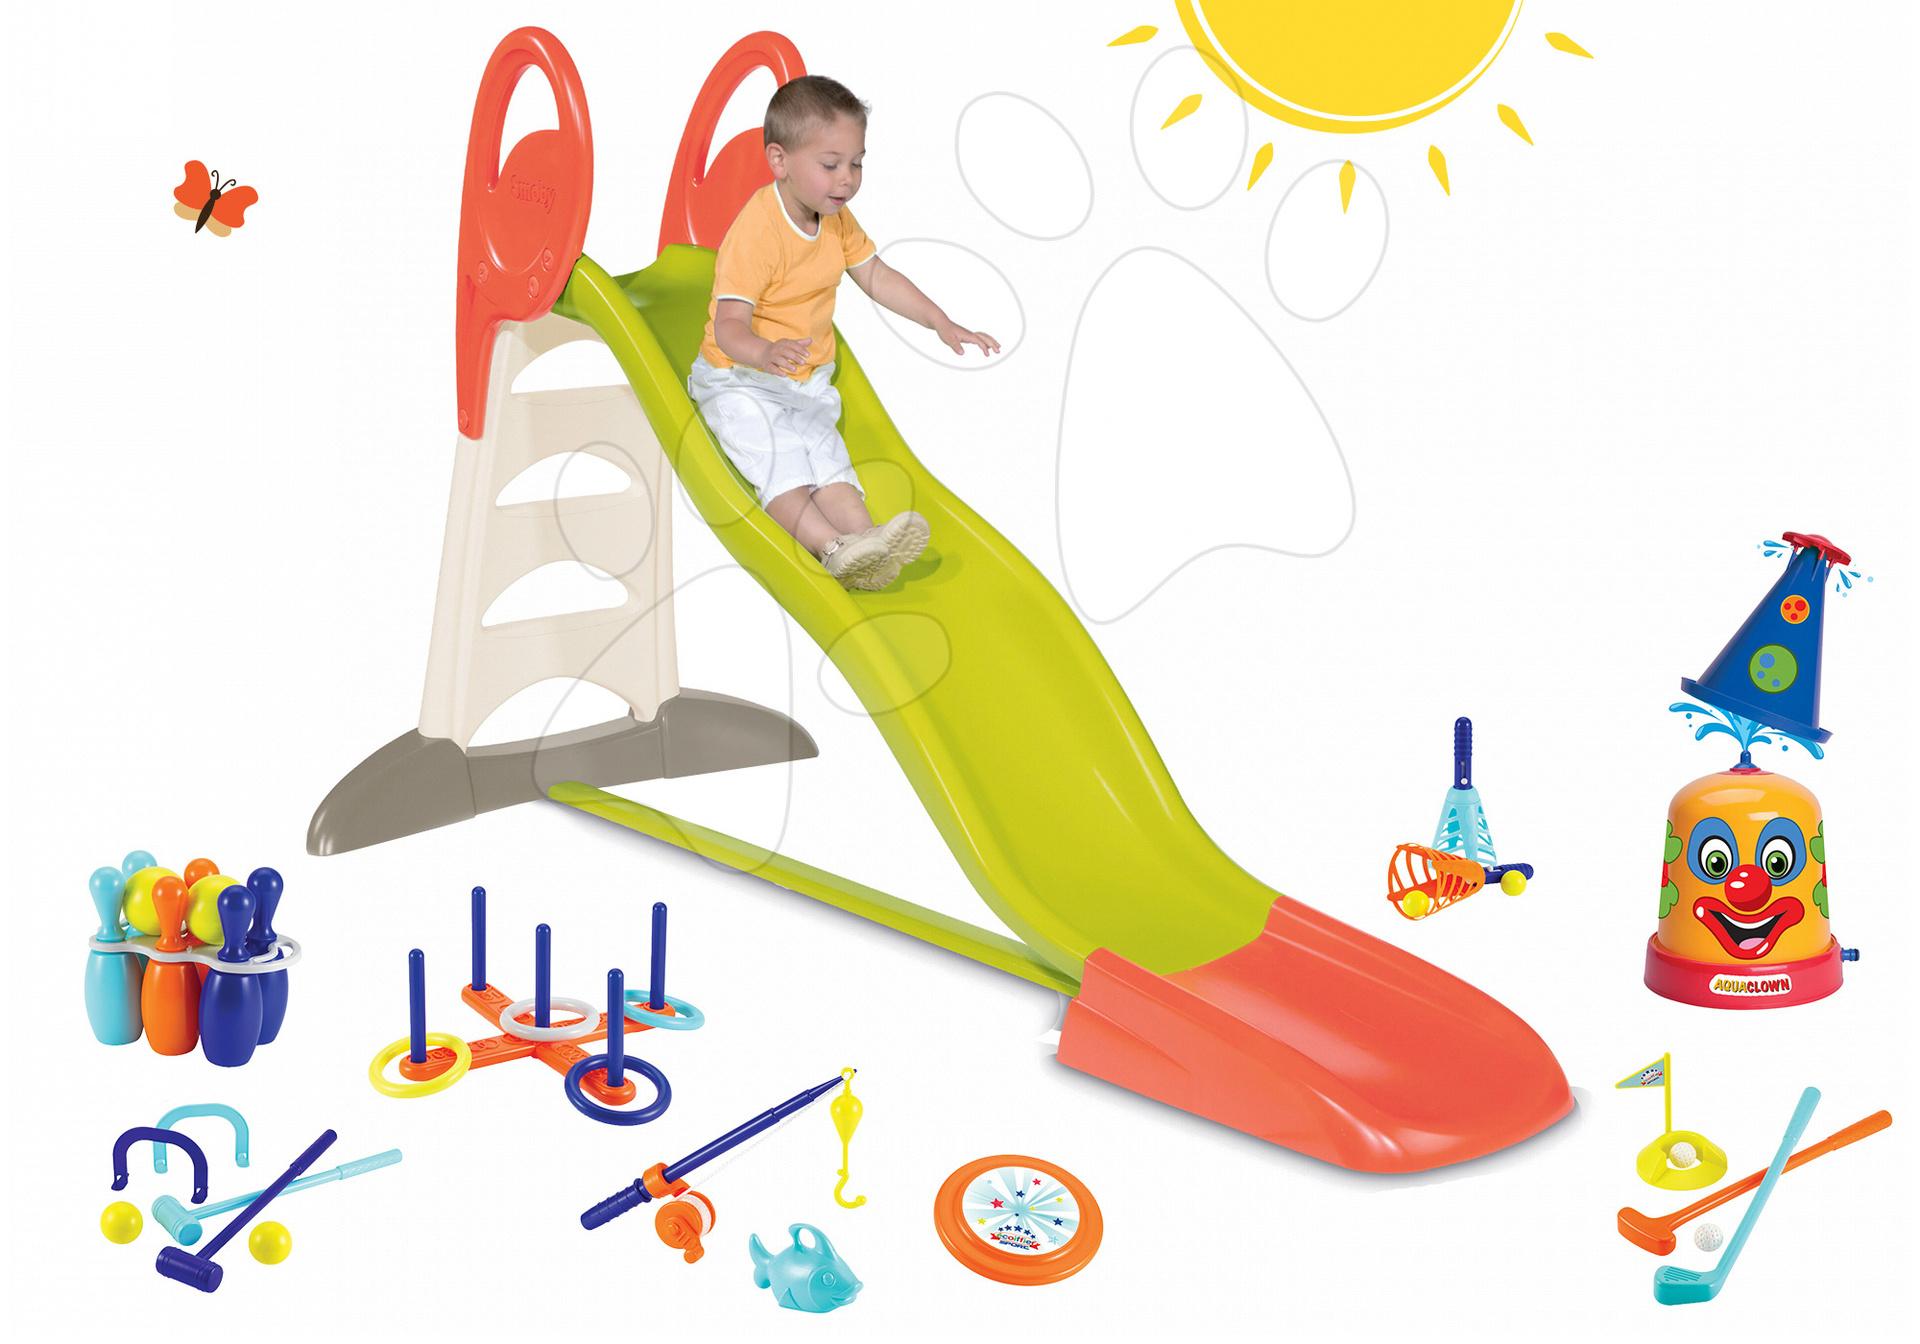 Set šmykľavka Toboggan XL Smoby s vodou dĺžka 230 cm a striekací vodný klaun a športový set 7 hier